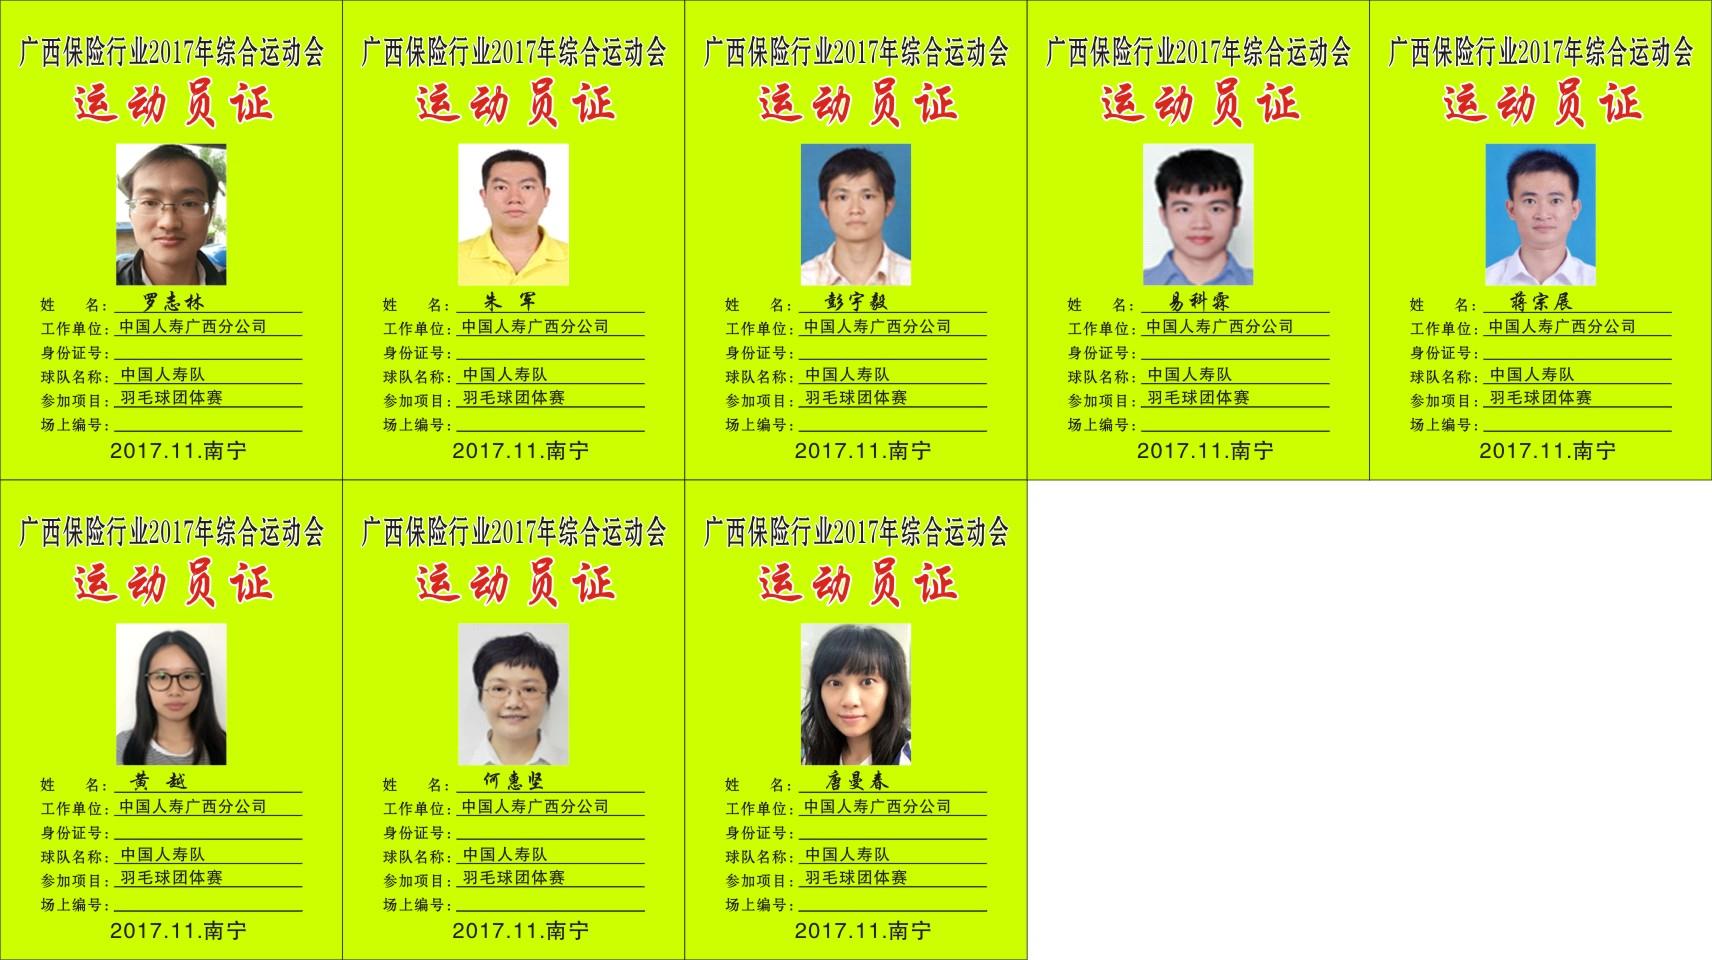 12中国人寿广西分公司.jpg